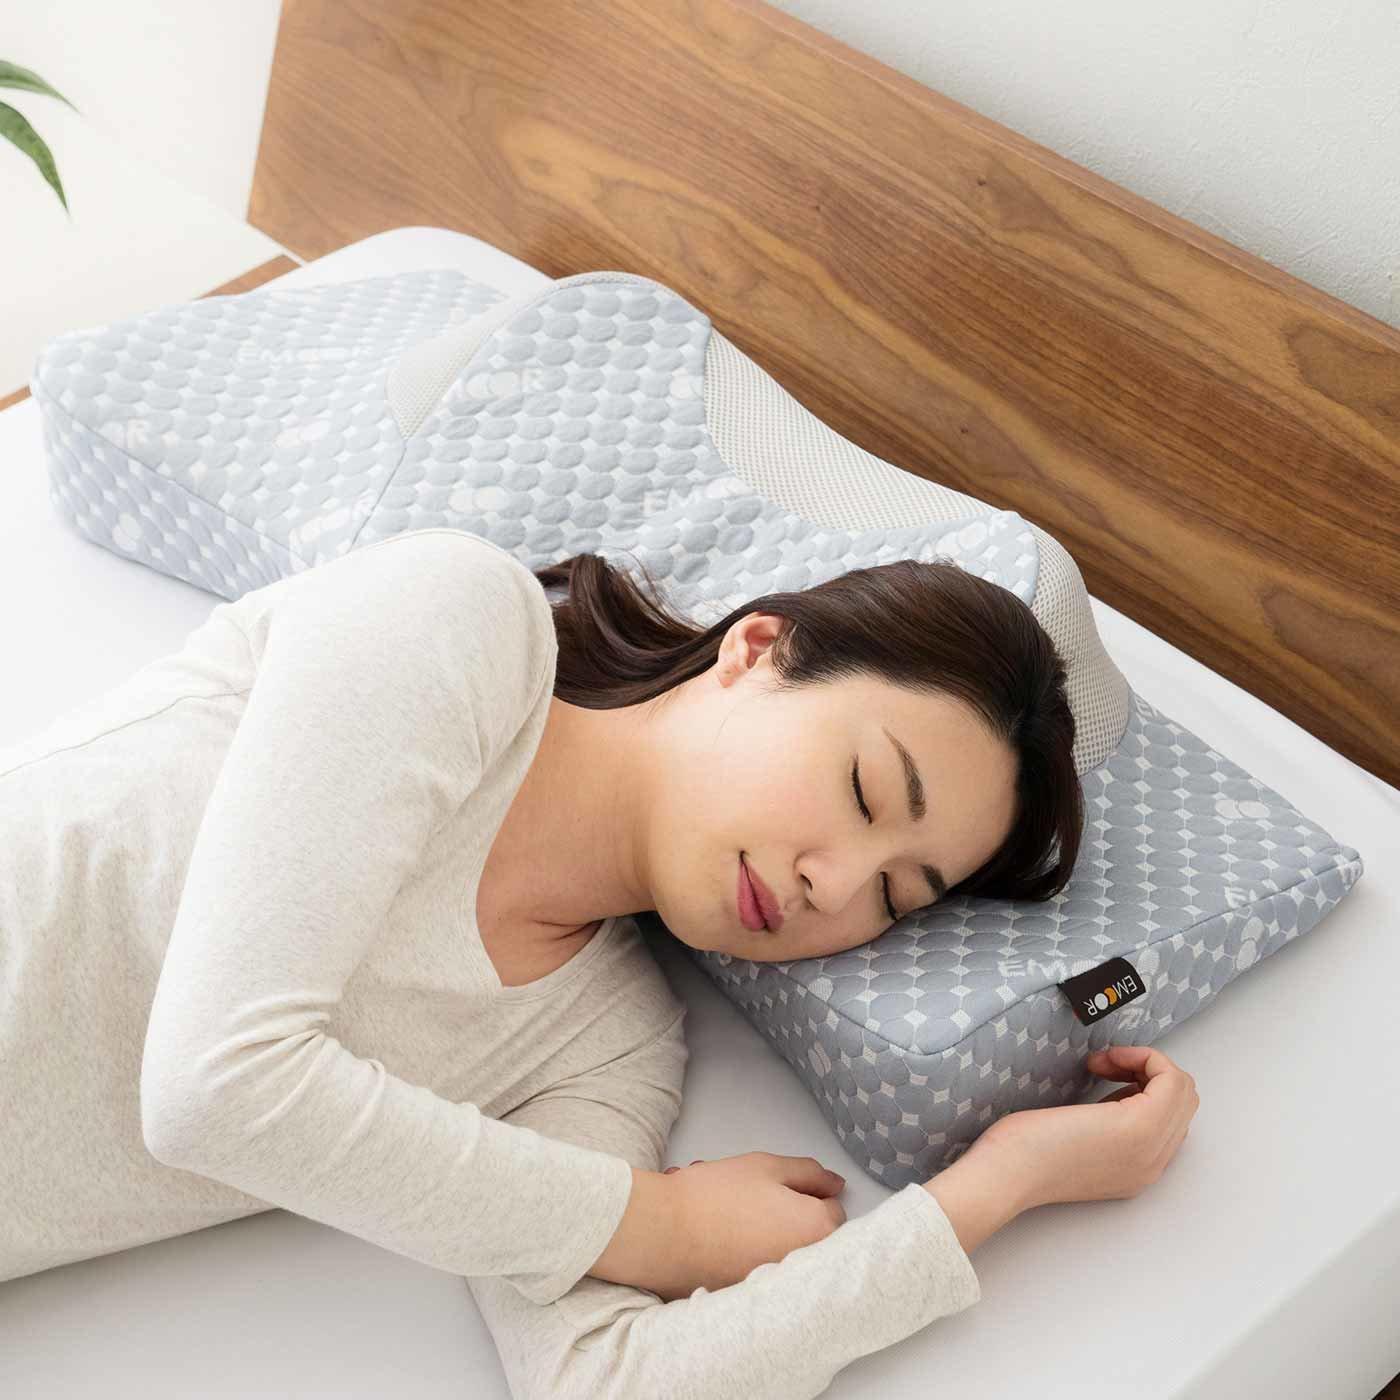 どんな寝姿勢派にも ぴったりフィット3-WAY枕